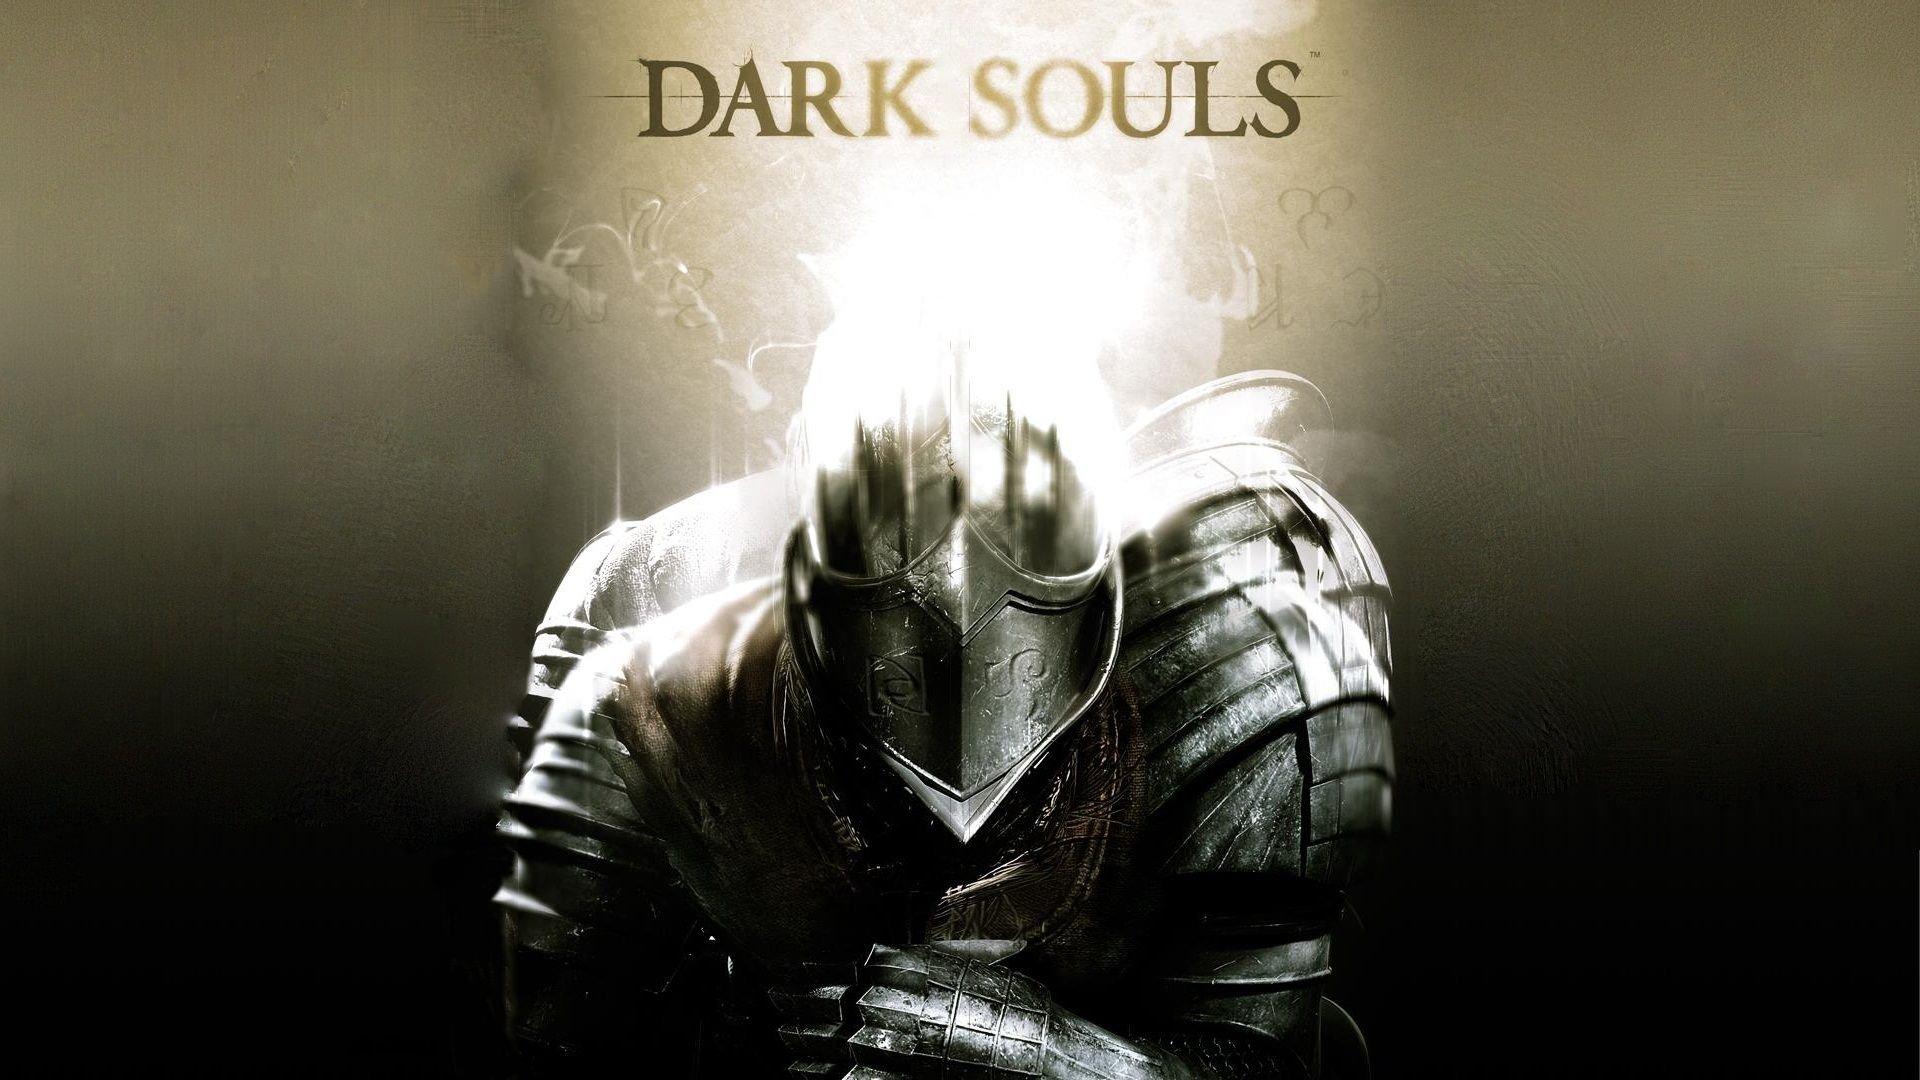 Получаем игру Dark Souls бесплатно для Xbox 360 и бесплатный премиум для xbox 360  - Изображение 1